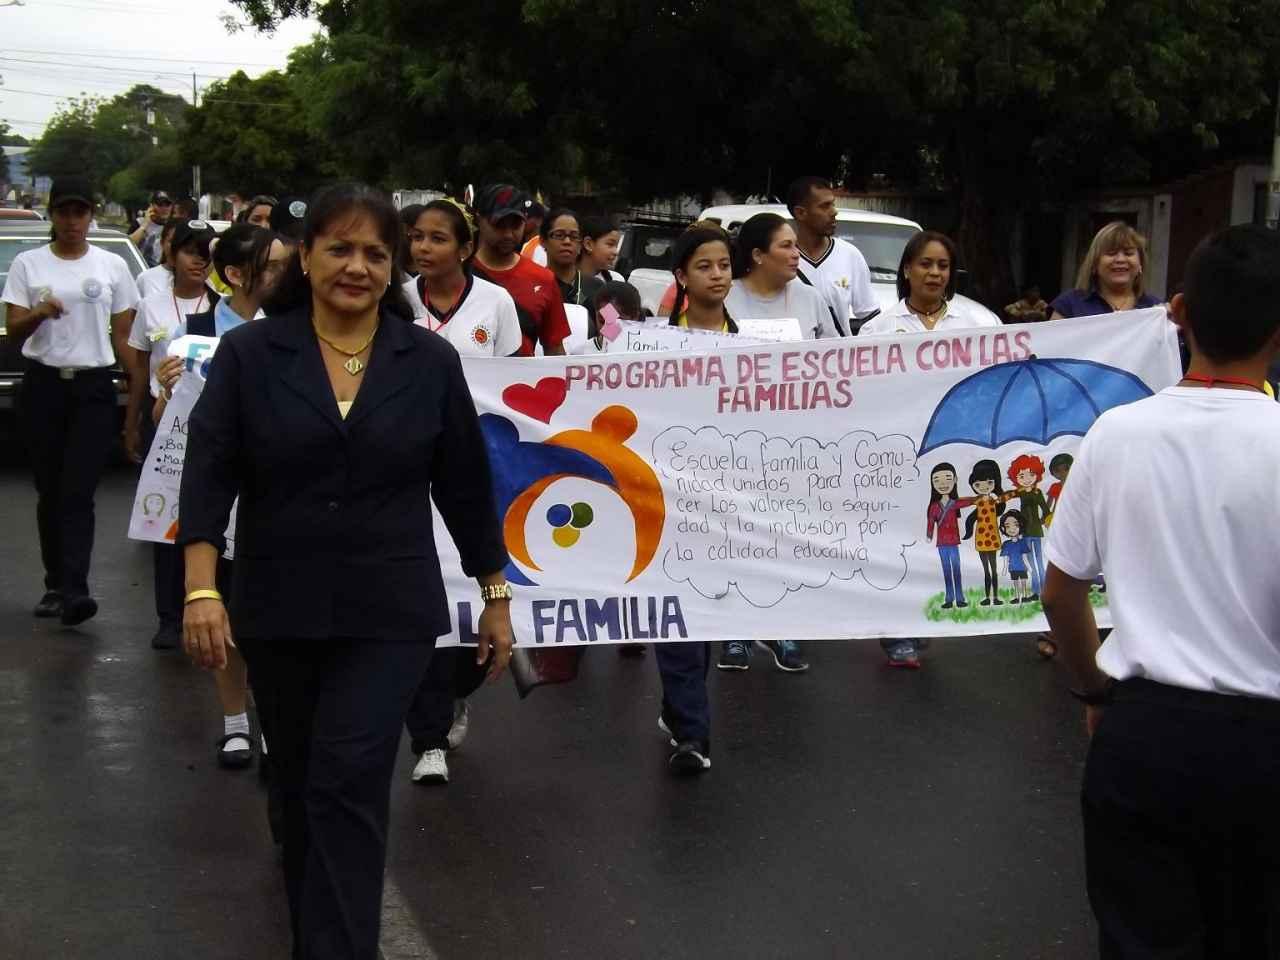 Una fiesta cultural en La U.E.P. Diego Ibarra por la I Jornada de la Escuela con la Familia y la Comunidad